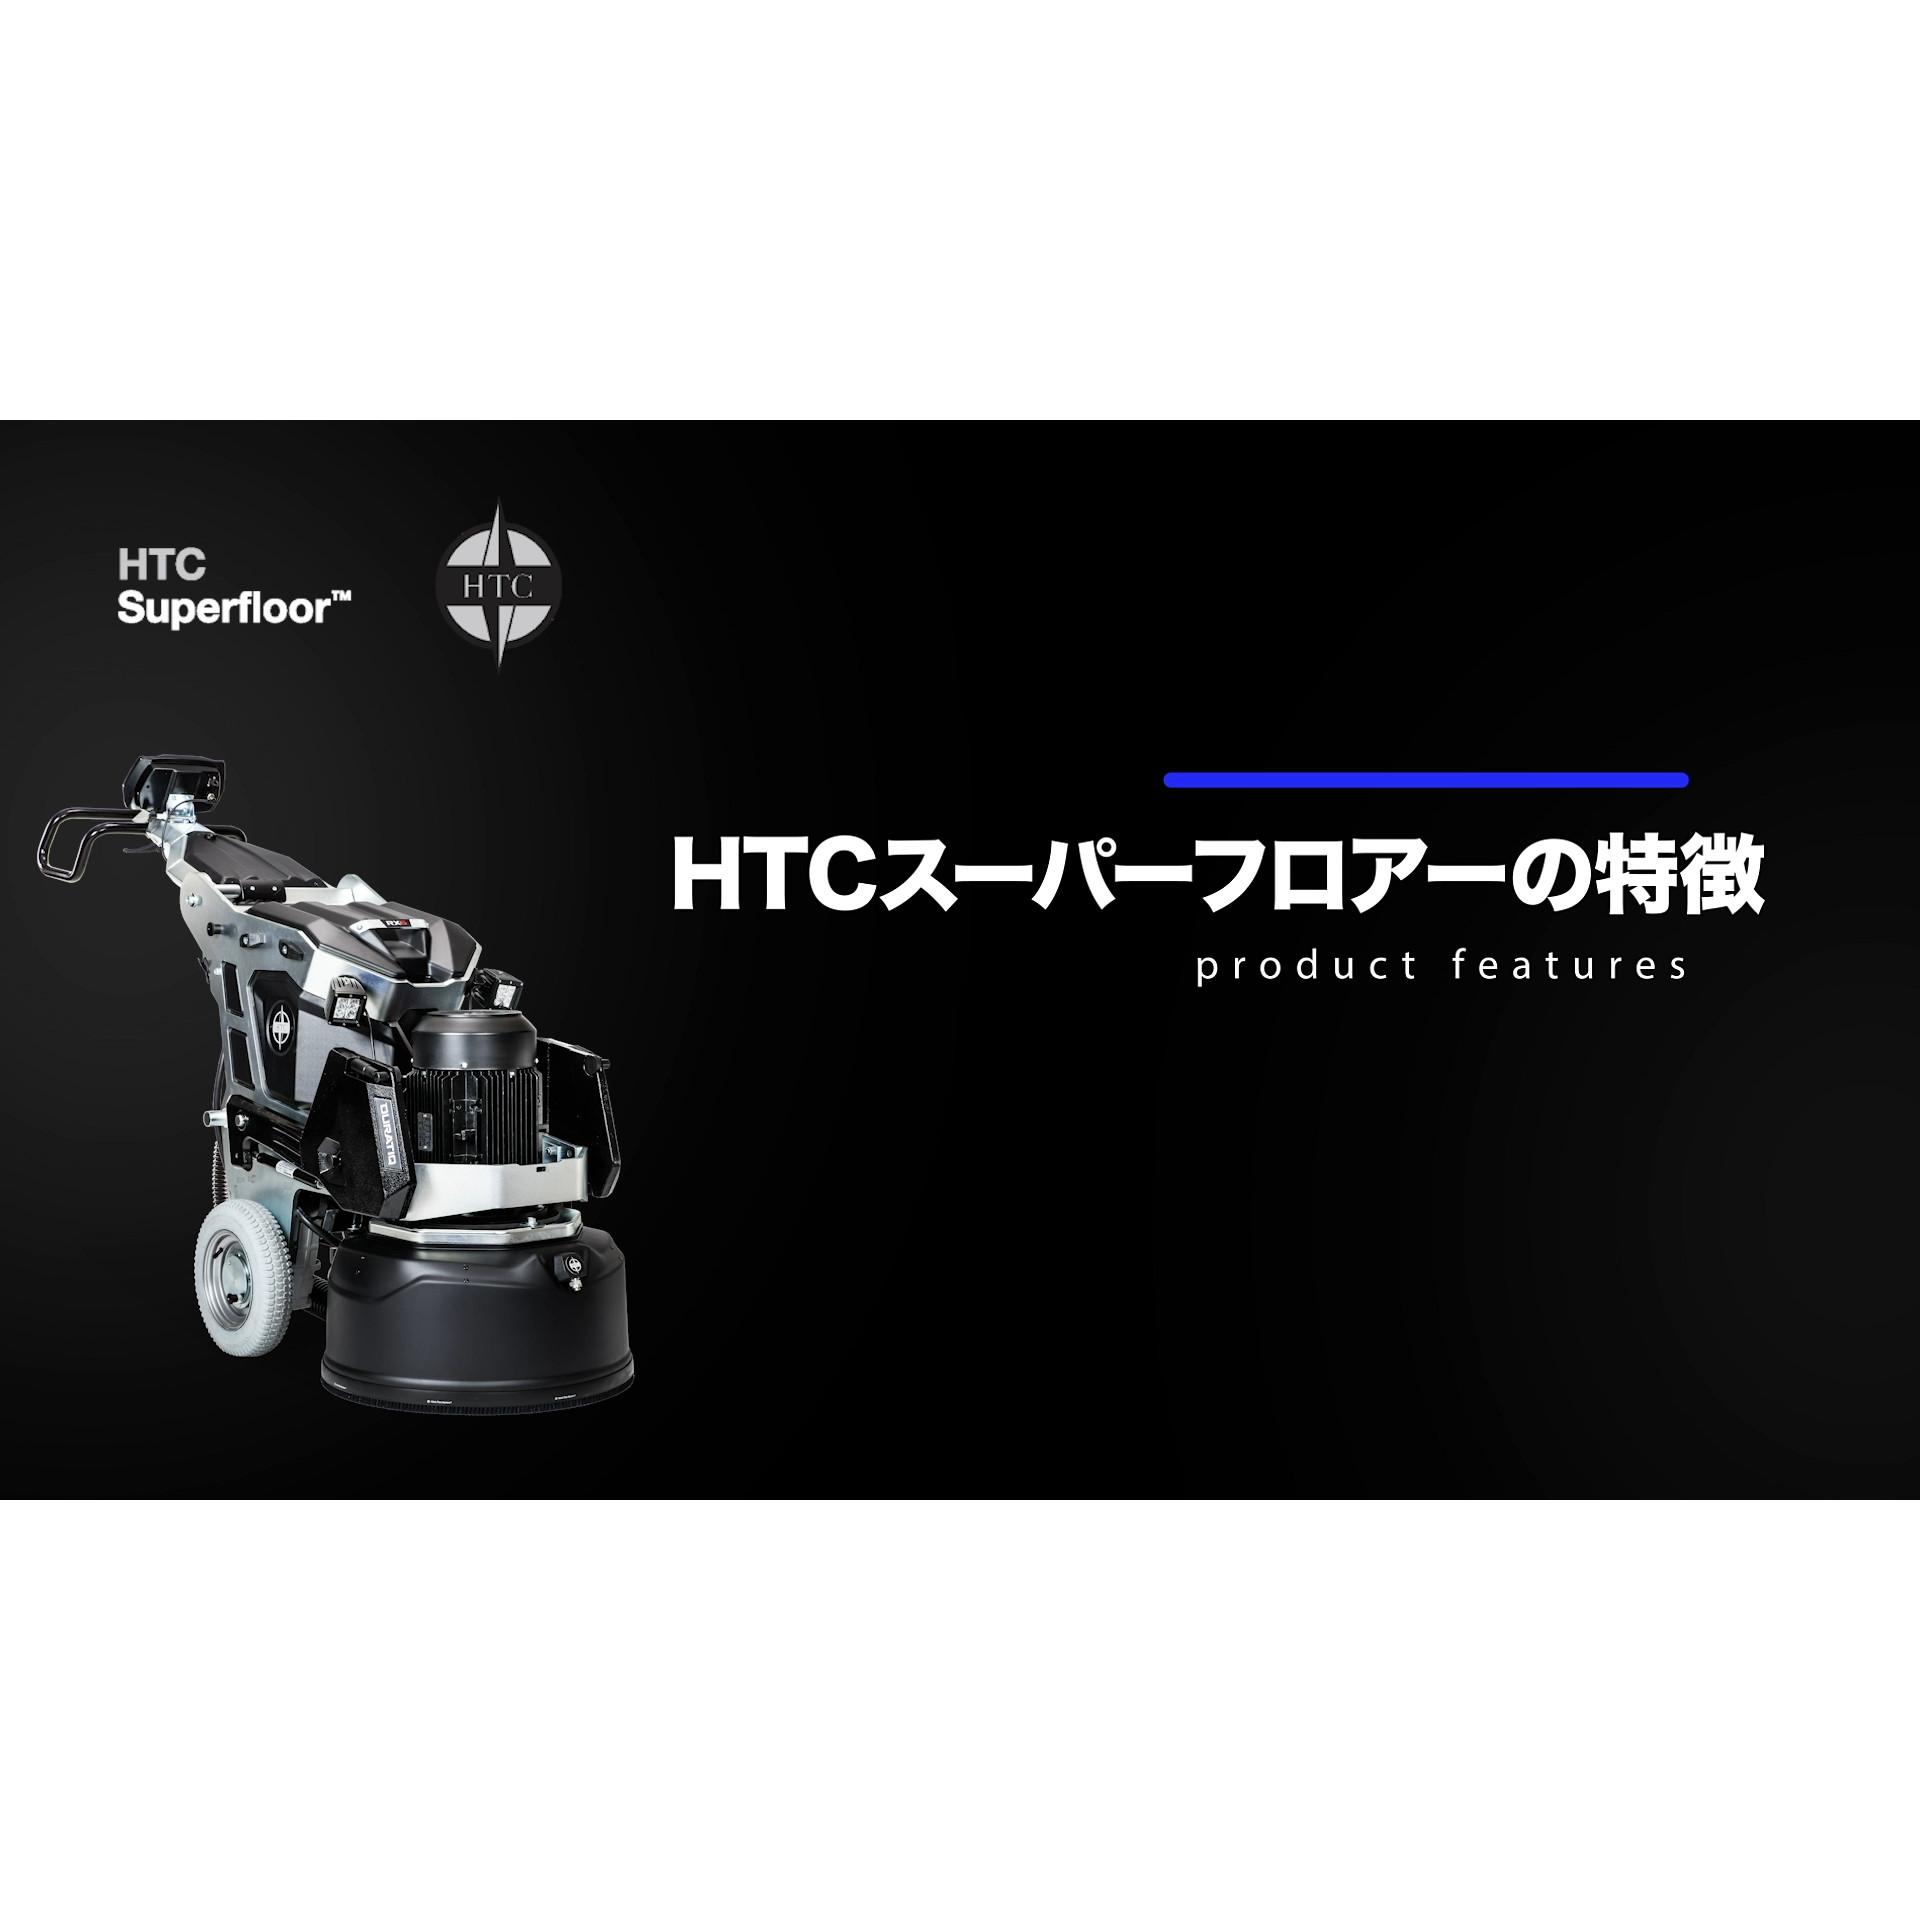 HTCスーパーフロアー(コンクリート床鏡面研磨仕上げ)のプロモーションビデオを公開しました。